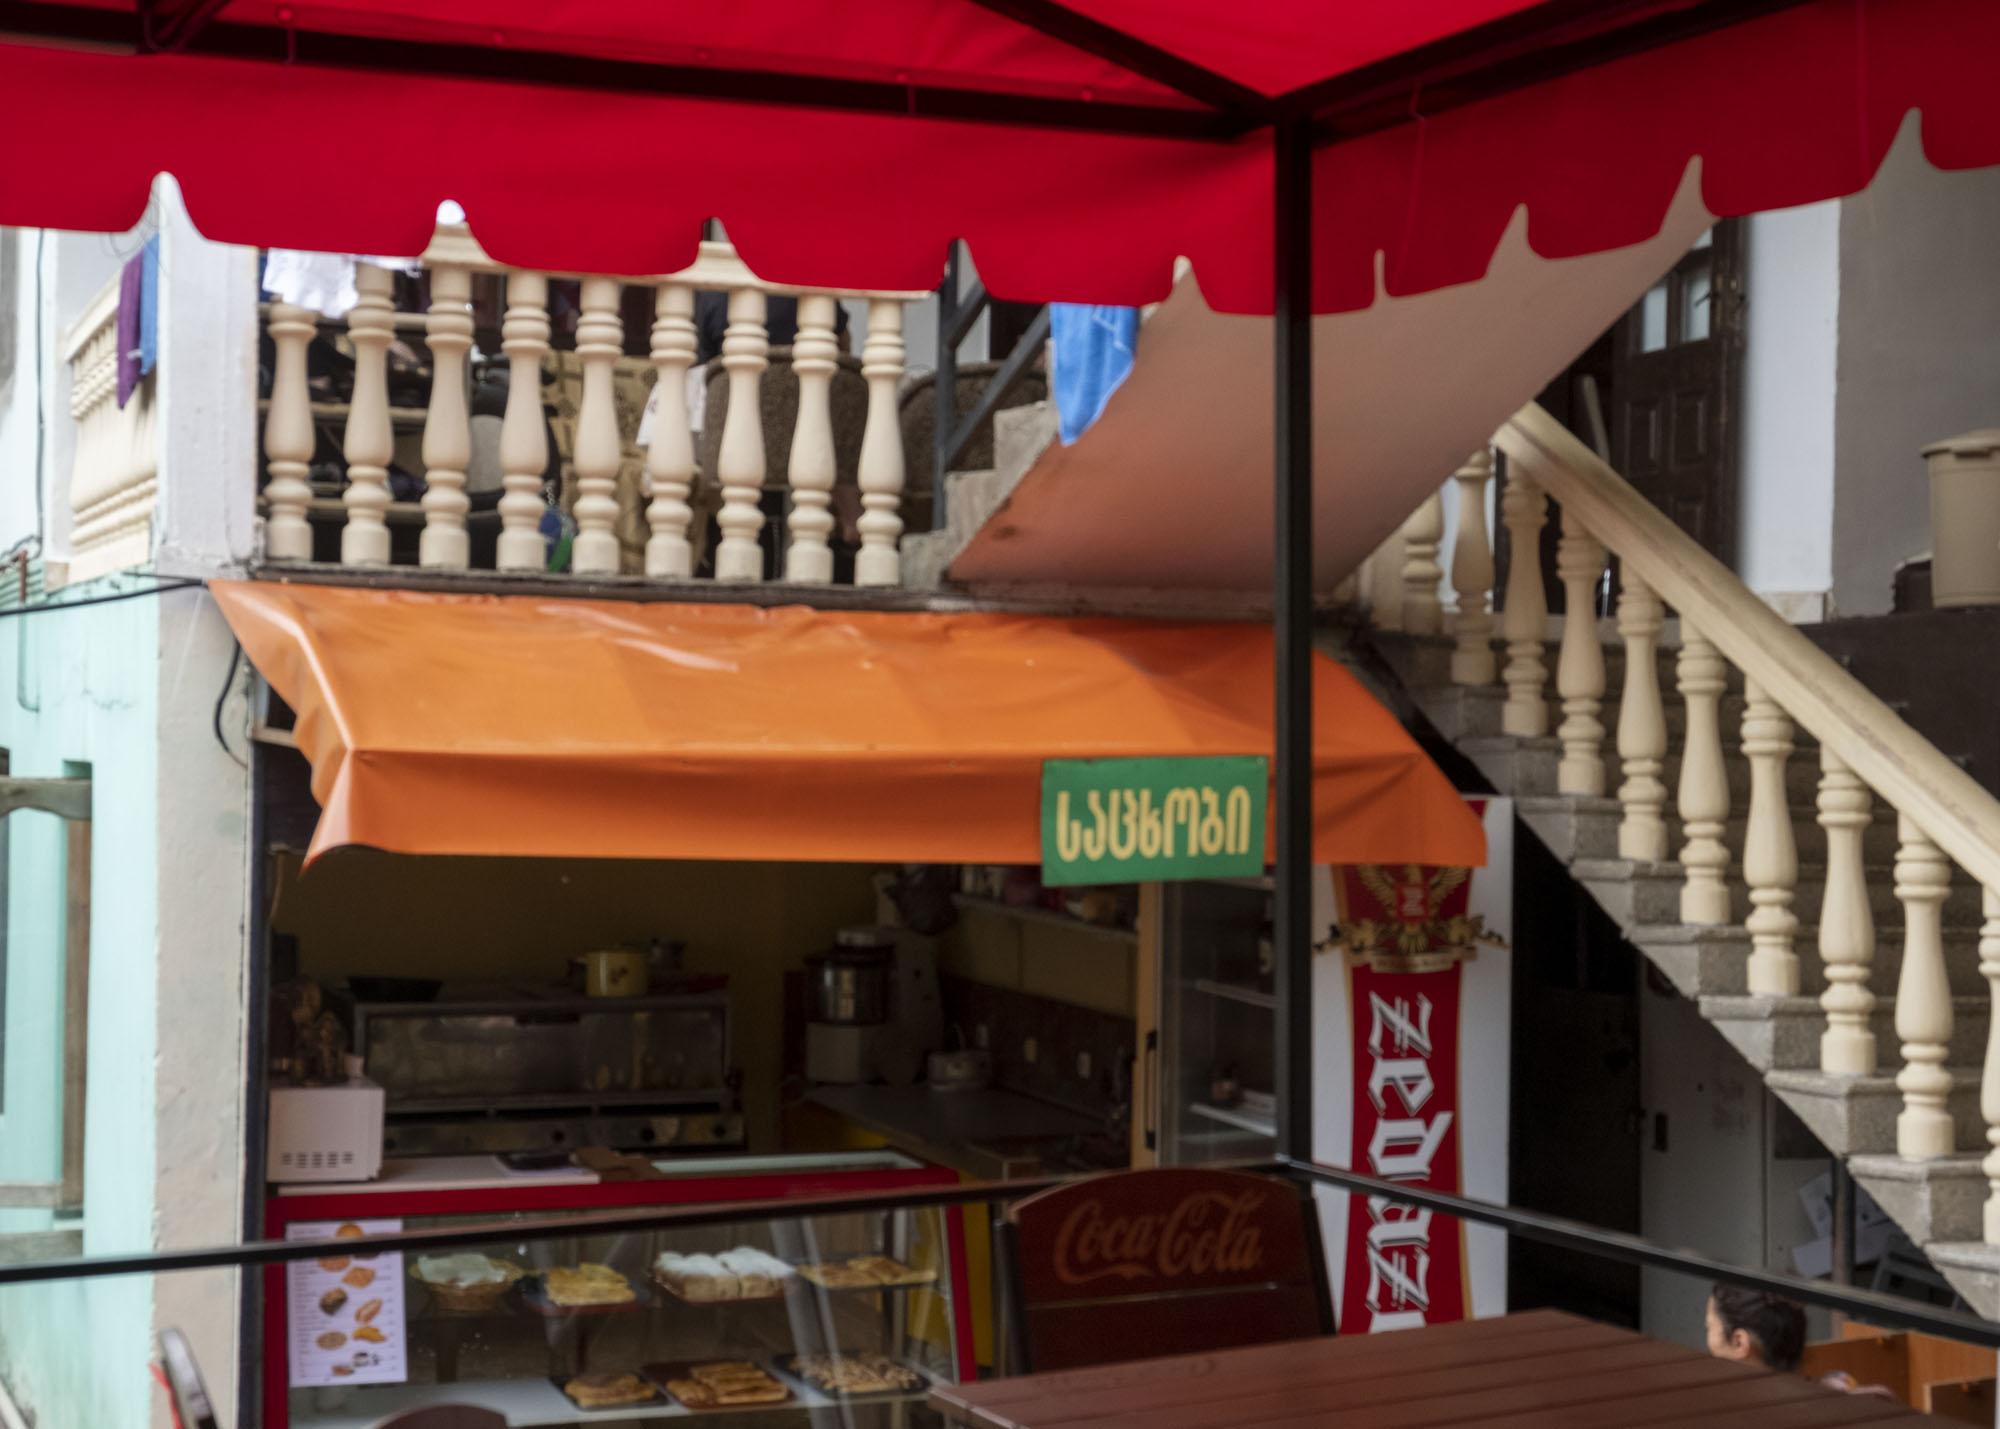 cafe awbing.jpg